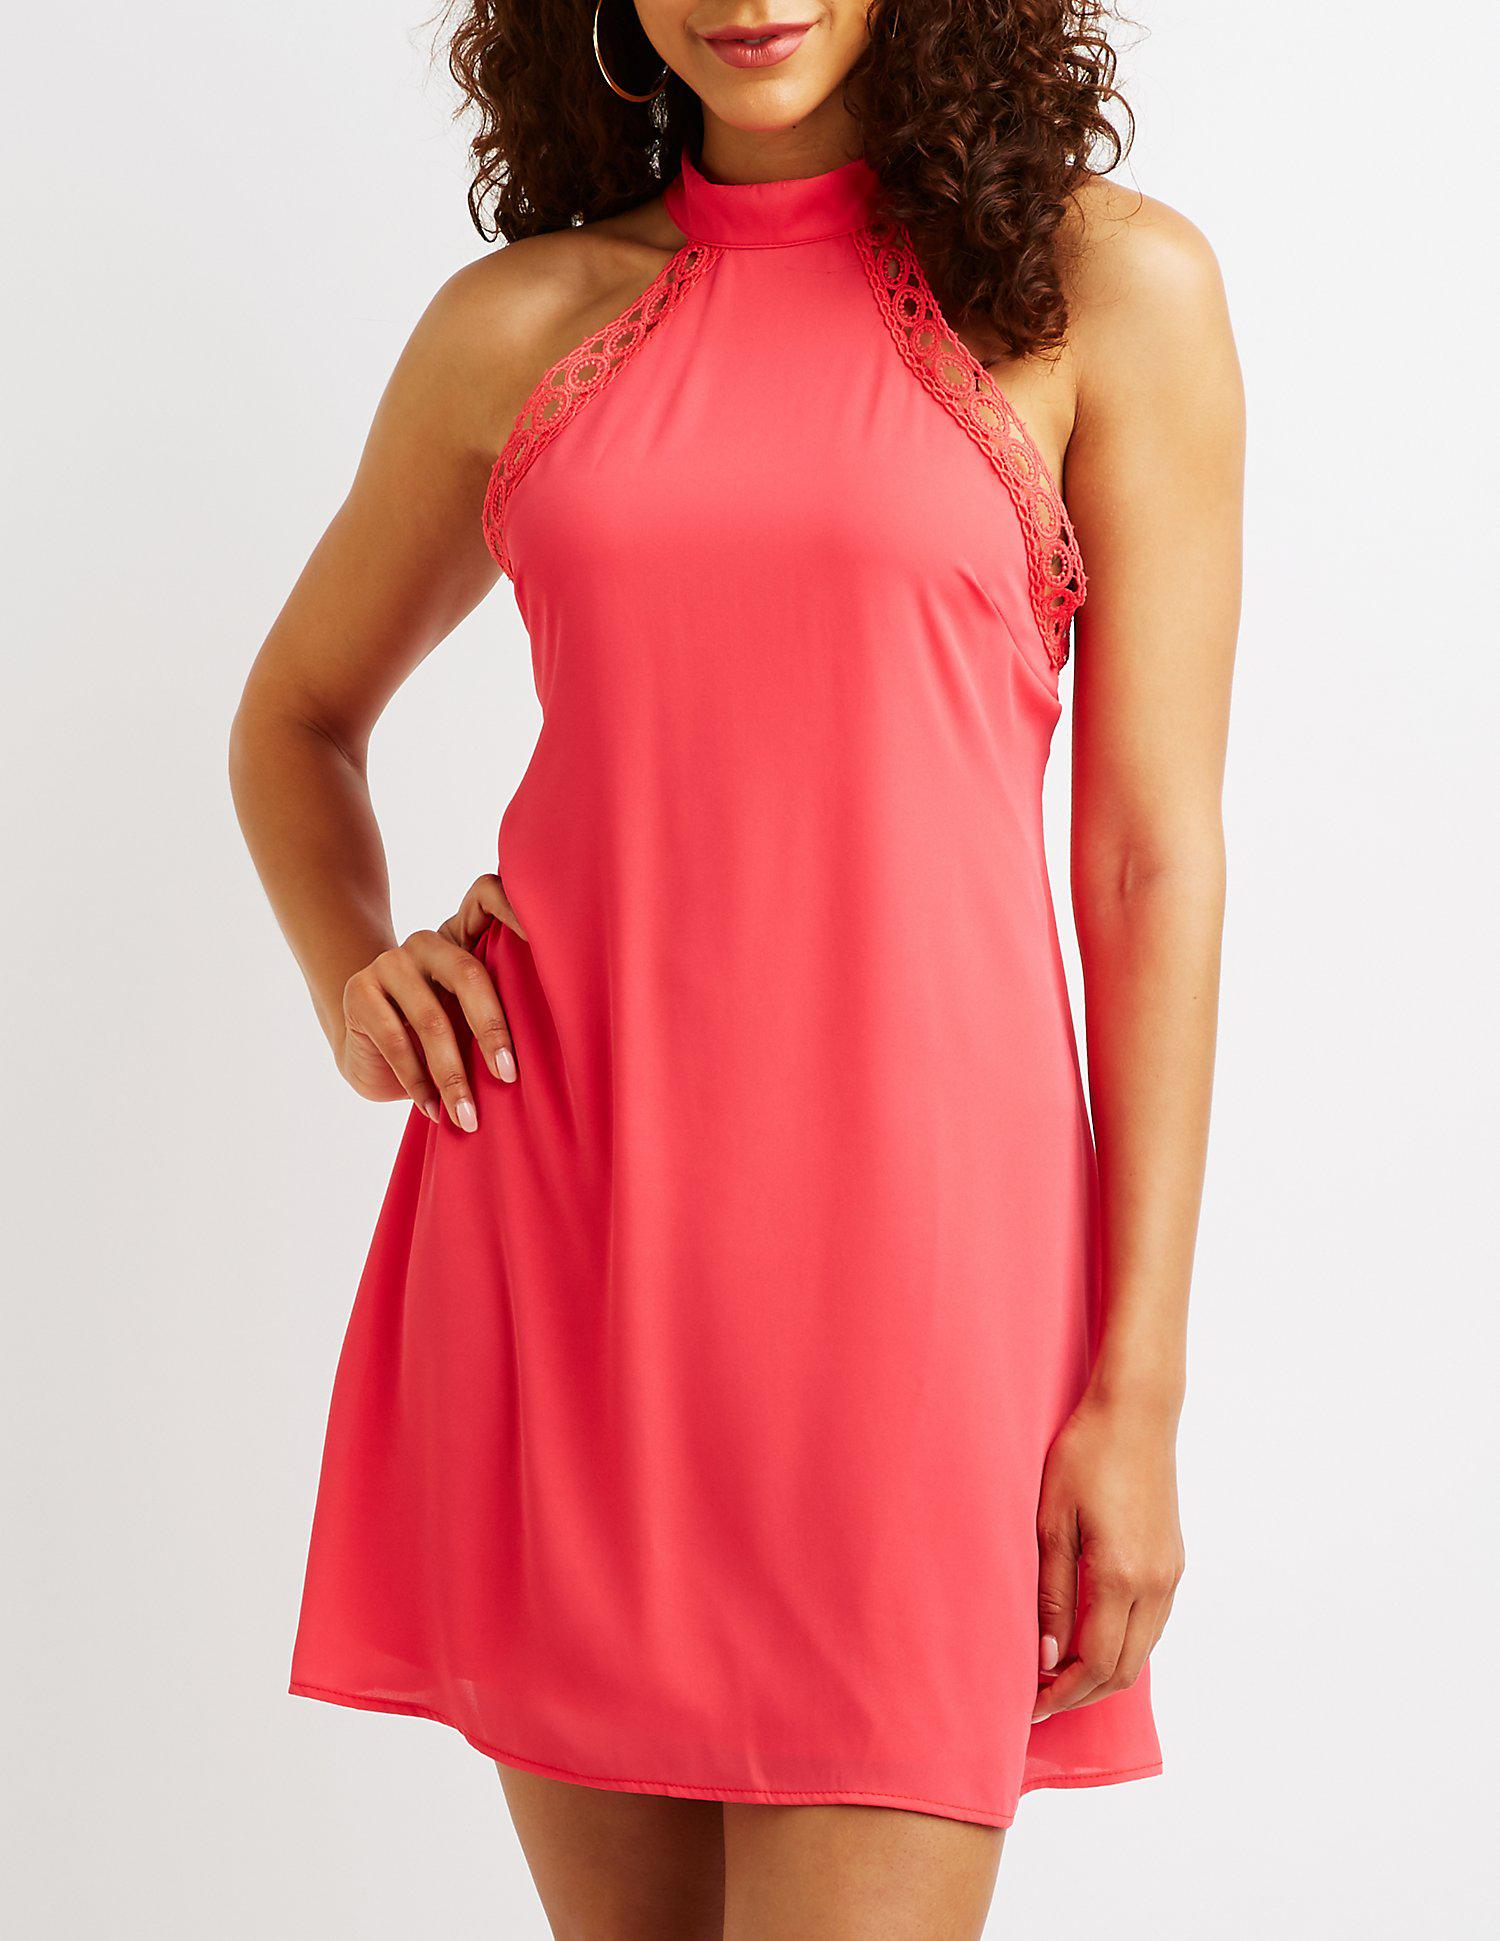 d91f8d60c47a Lyst - Charlotte Russe Crochet Mock Neck Dress in Orange